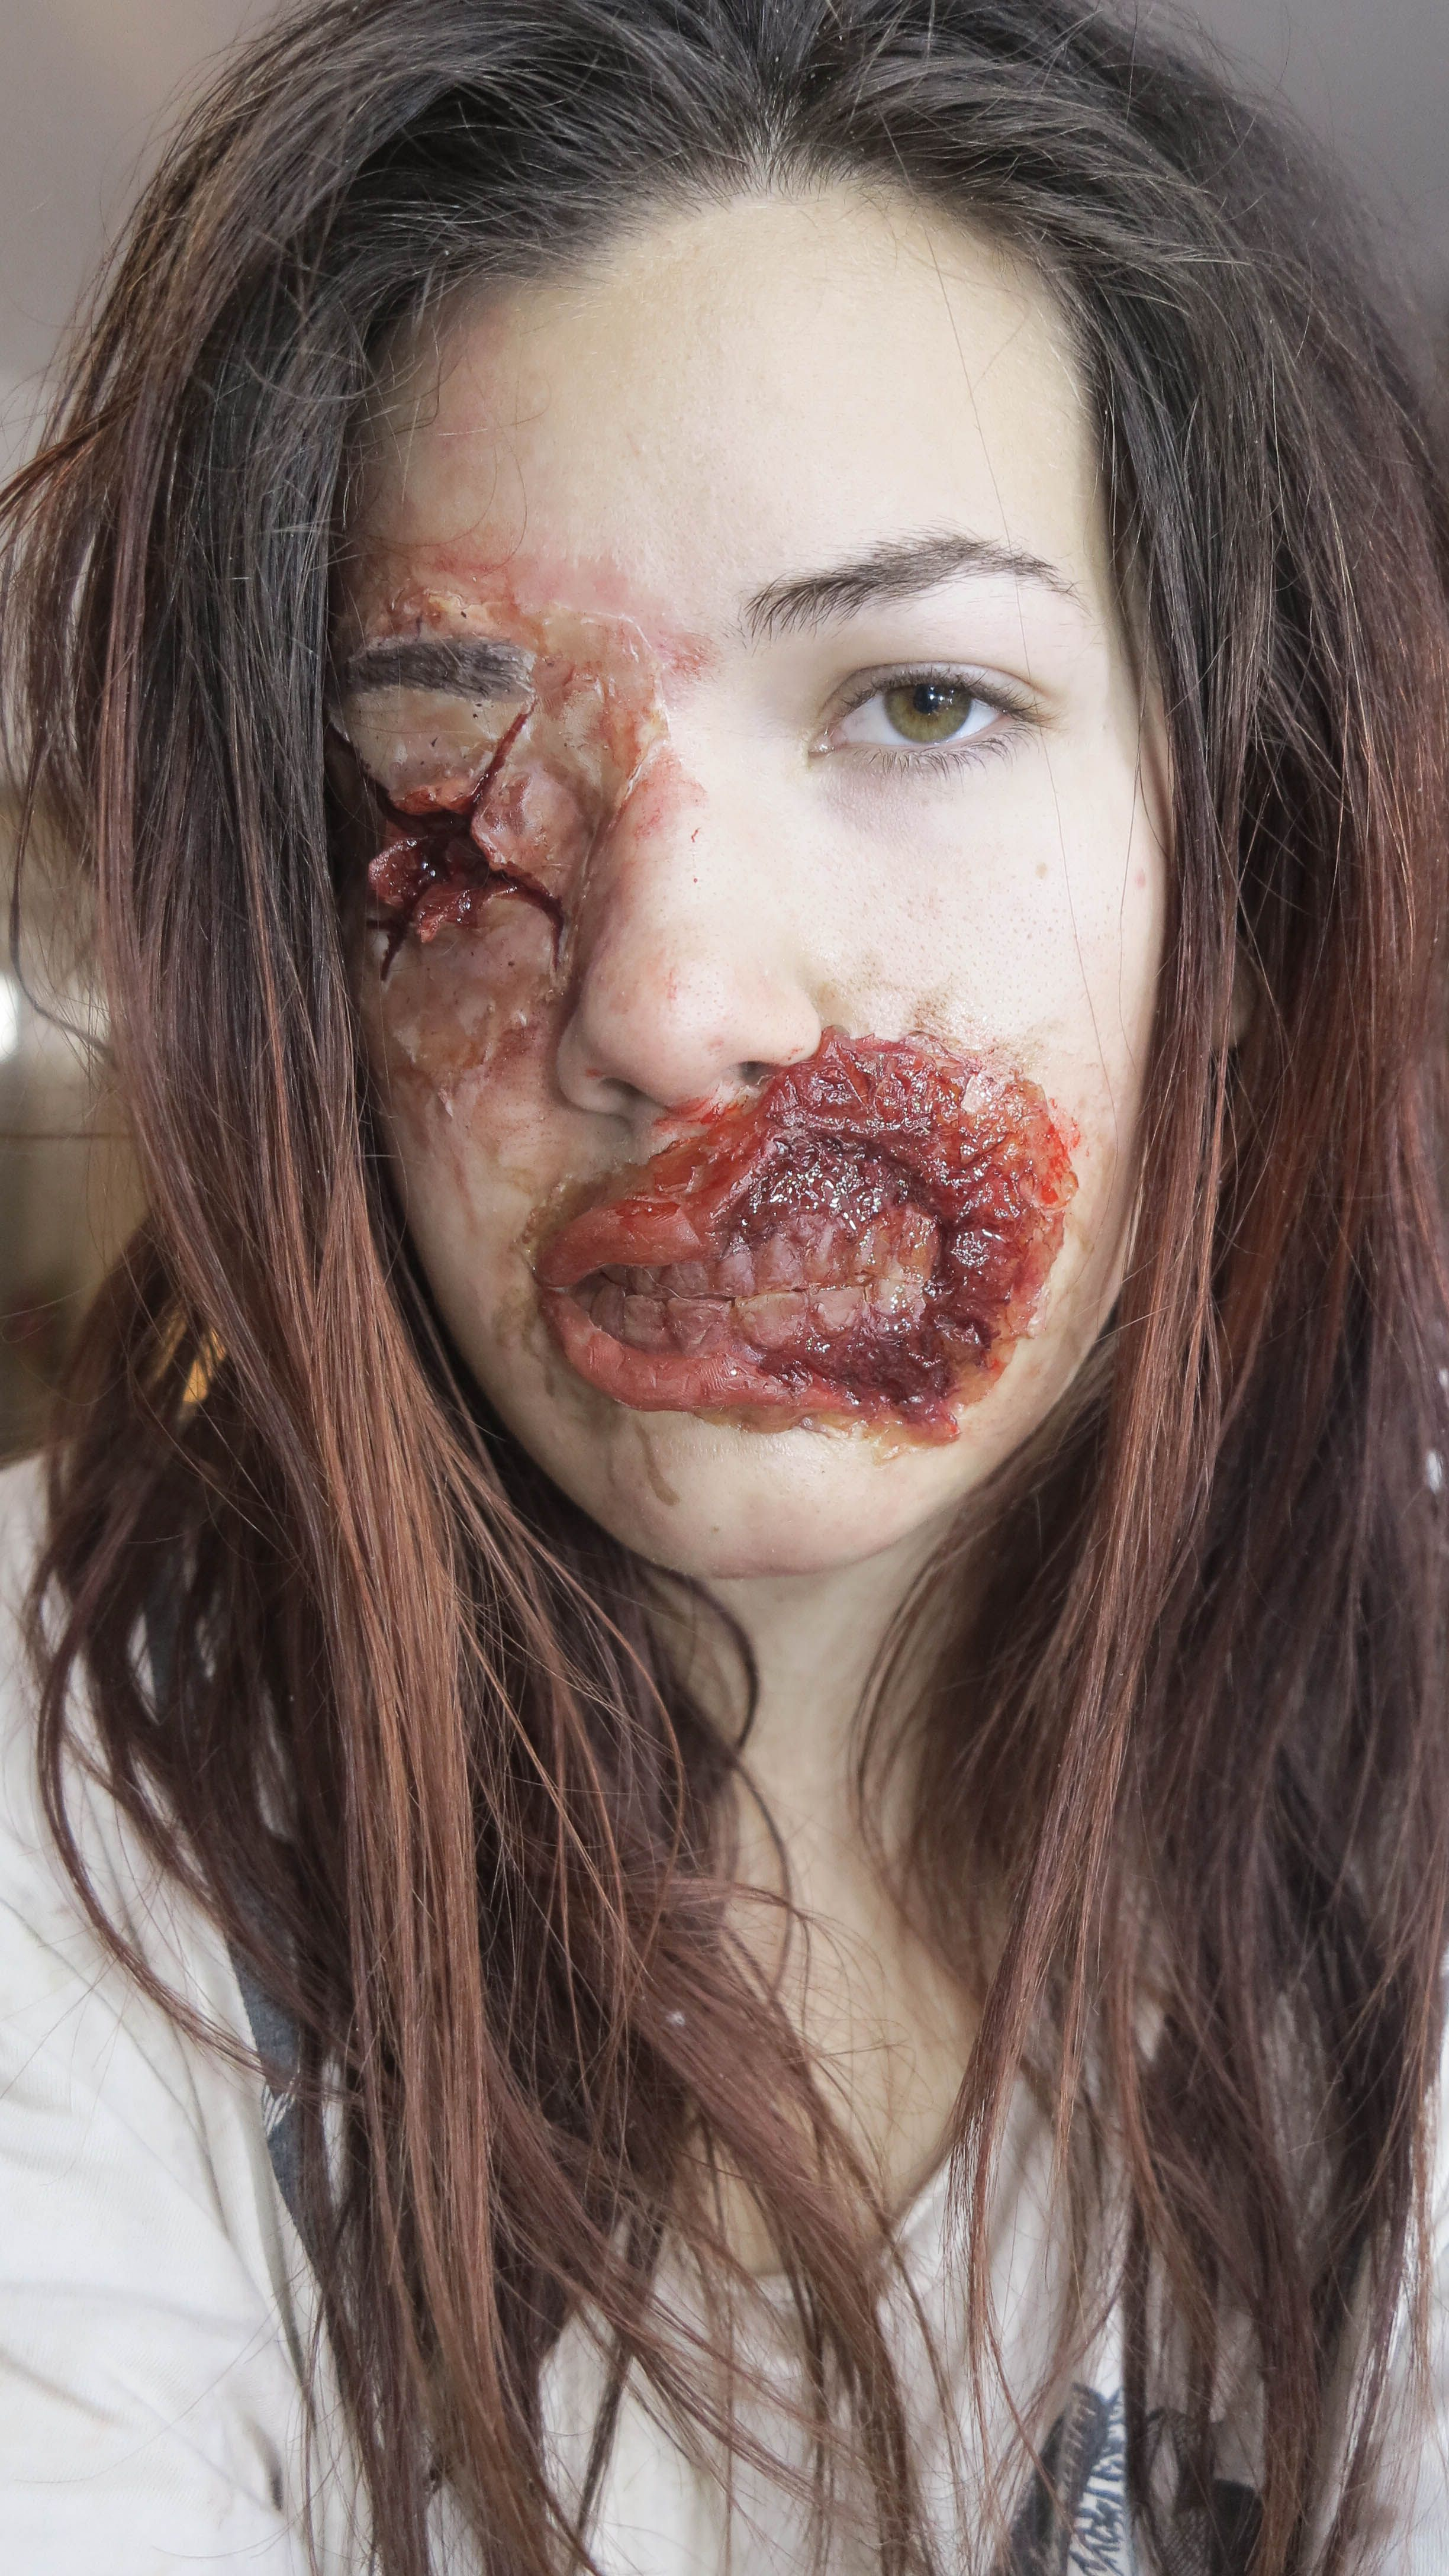 SFX makeup Prothèses de zombie  MUA: Morgane Hertzog https://www.facebook.com/MorganehMUA